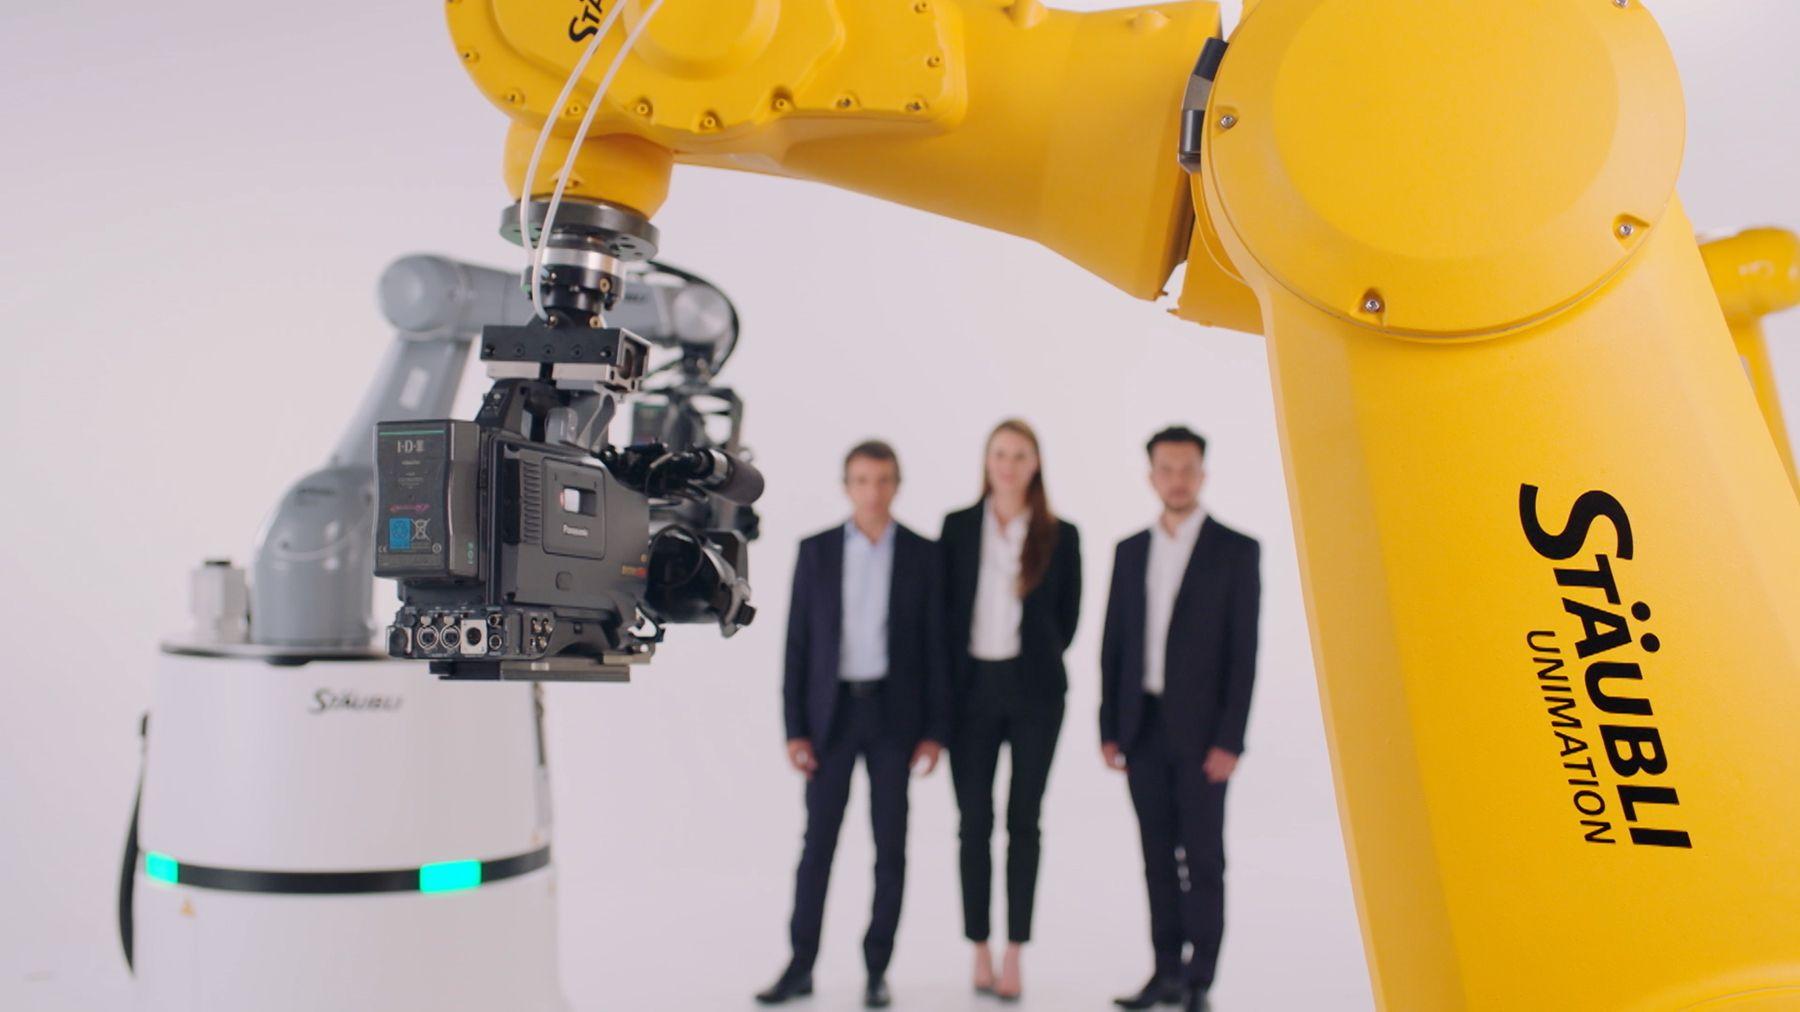 staubli-robotique